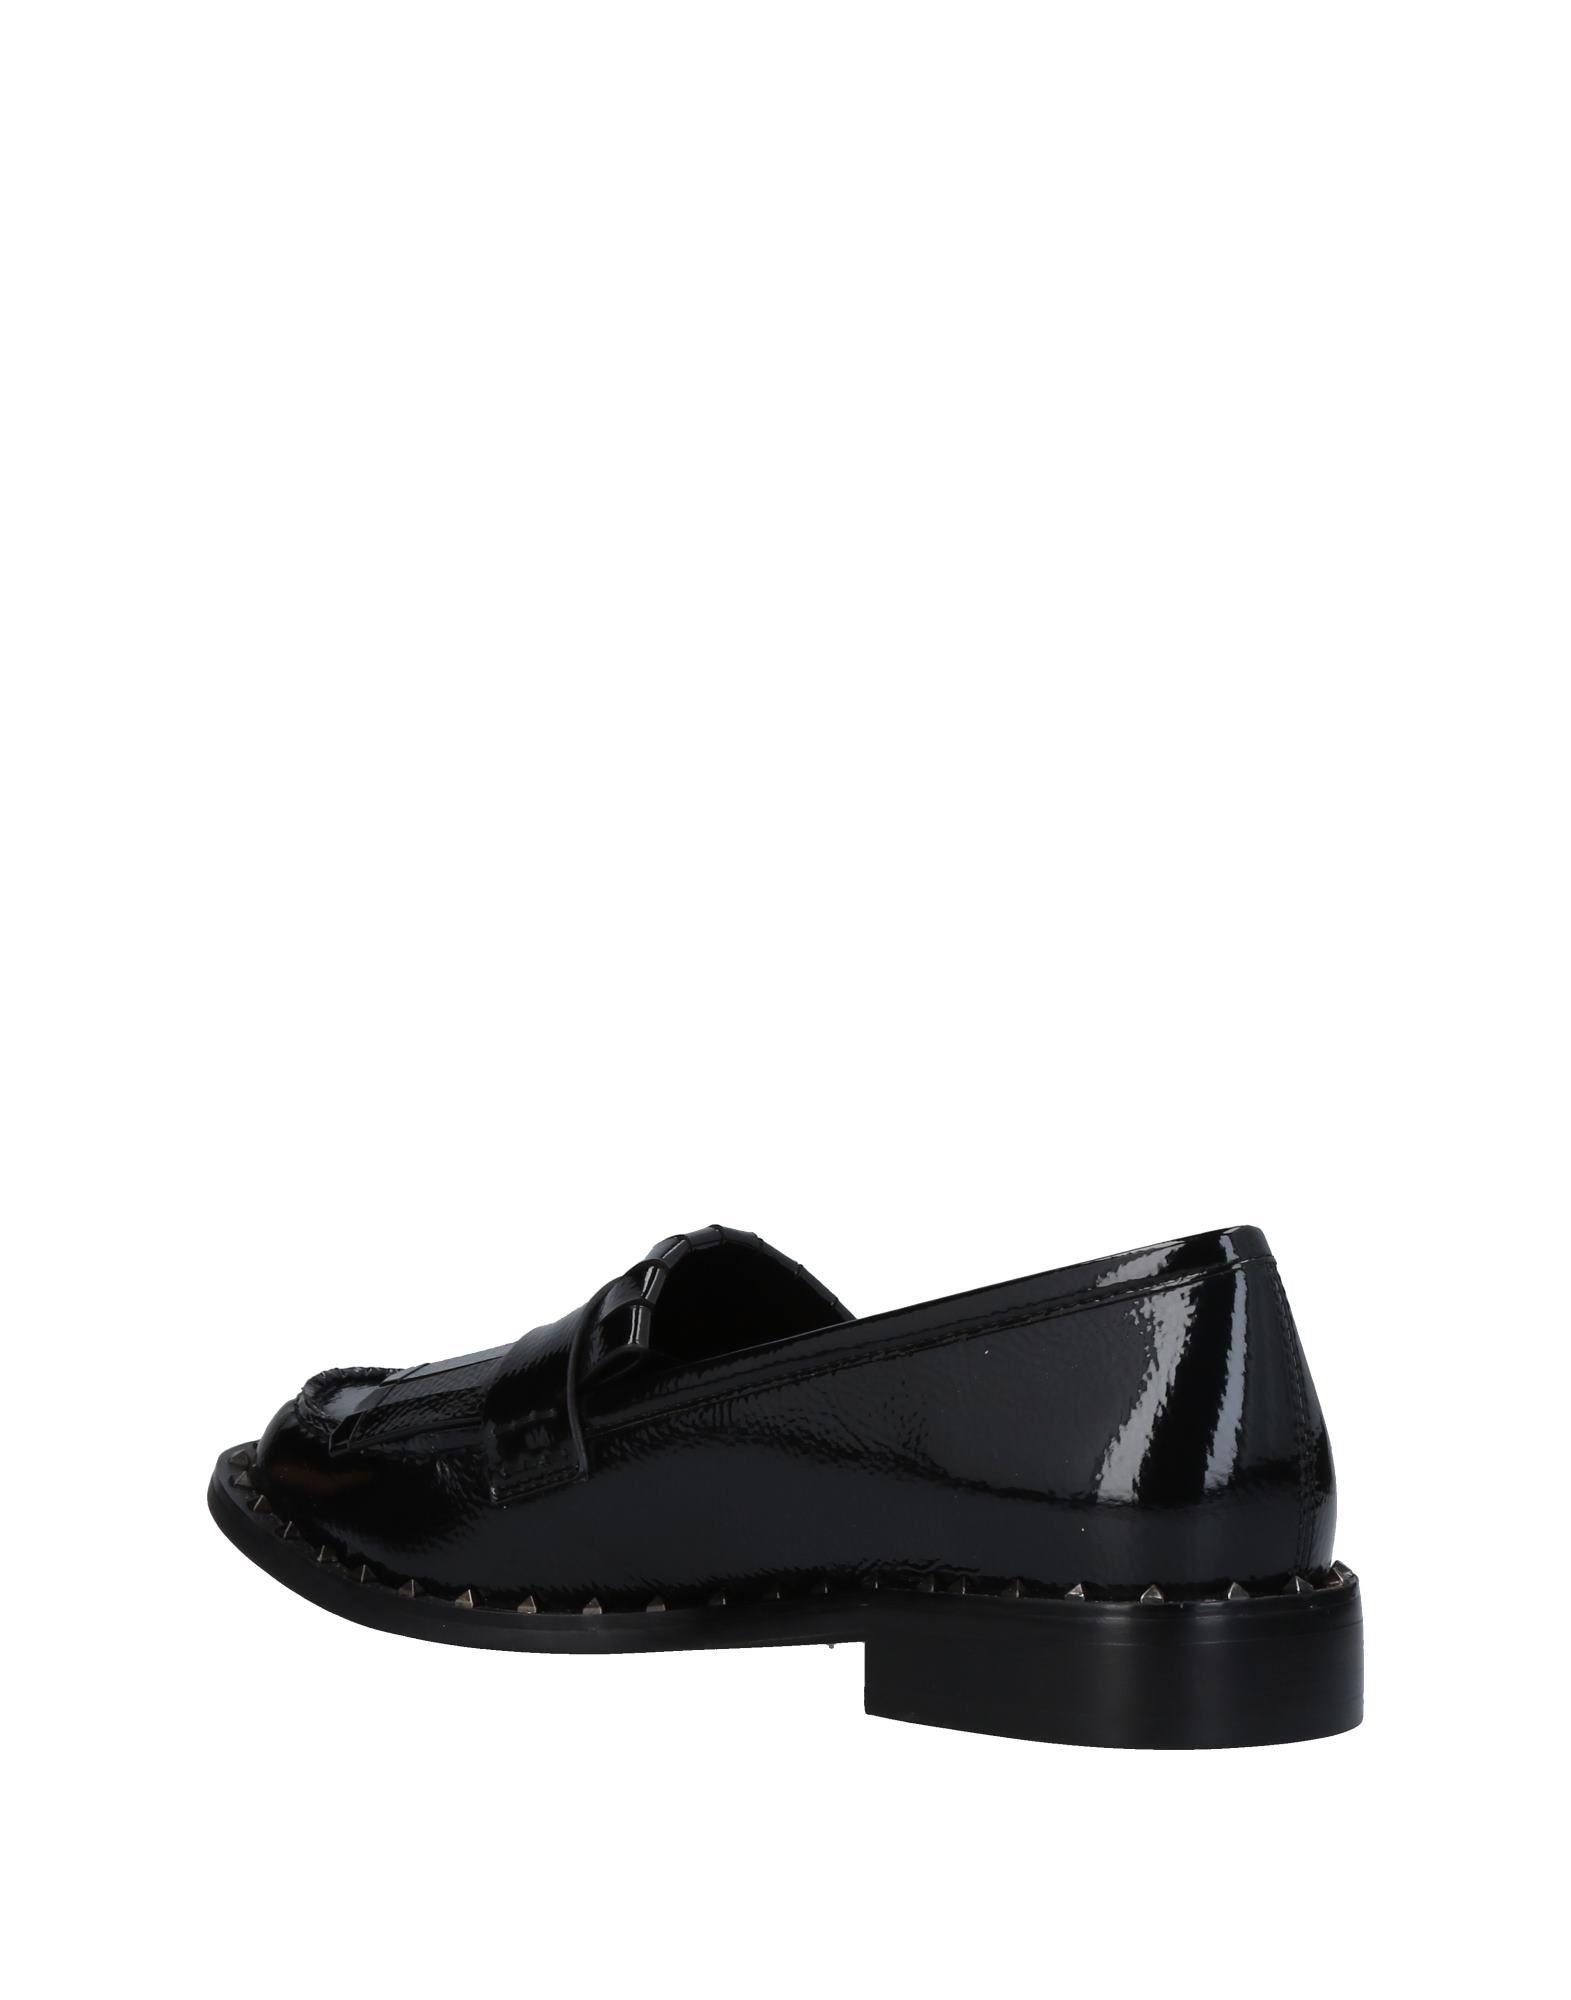 Bibi Lou Mokassins Damen  Schuhe 11455183AB Gute Qualität beliebte Schuhe  3744c9